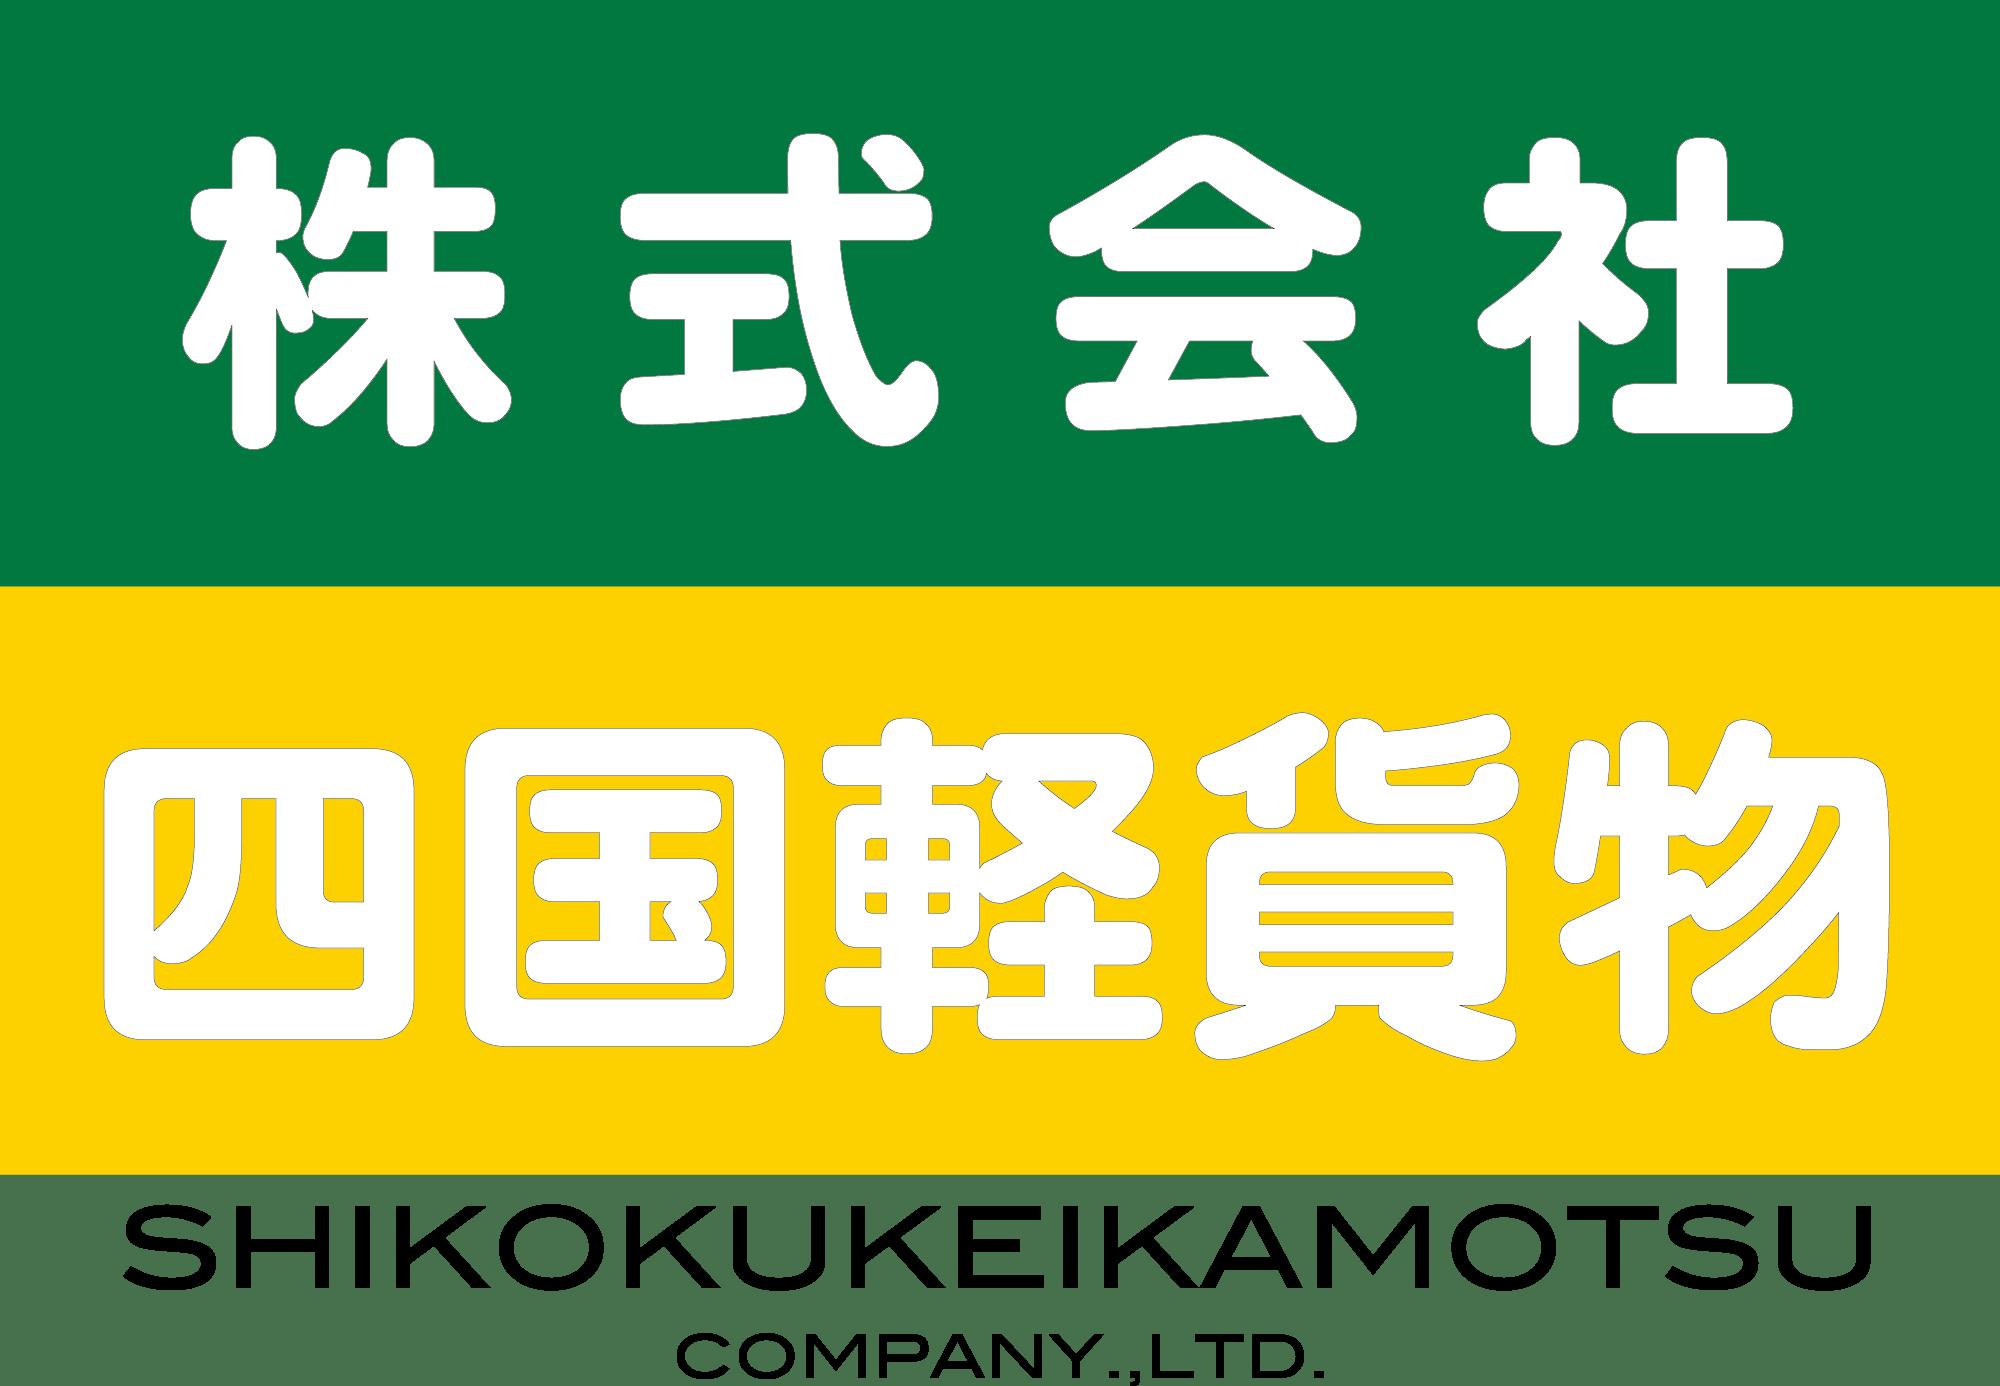 株式会社四国軽貨物 東京支店